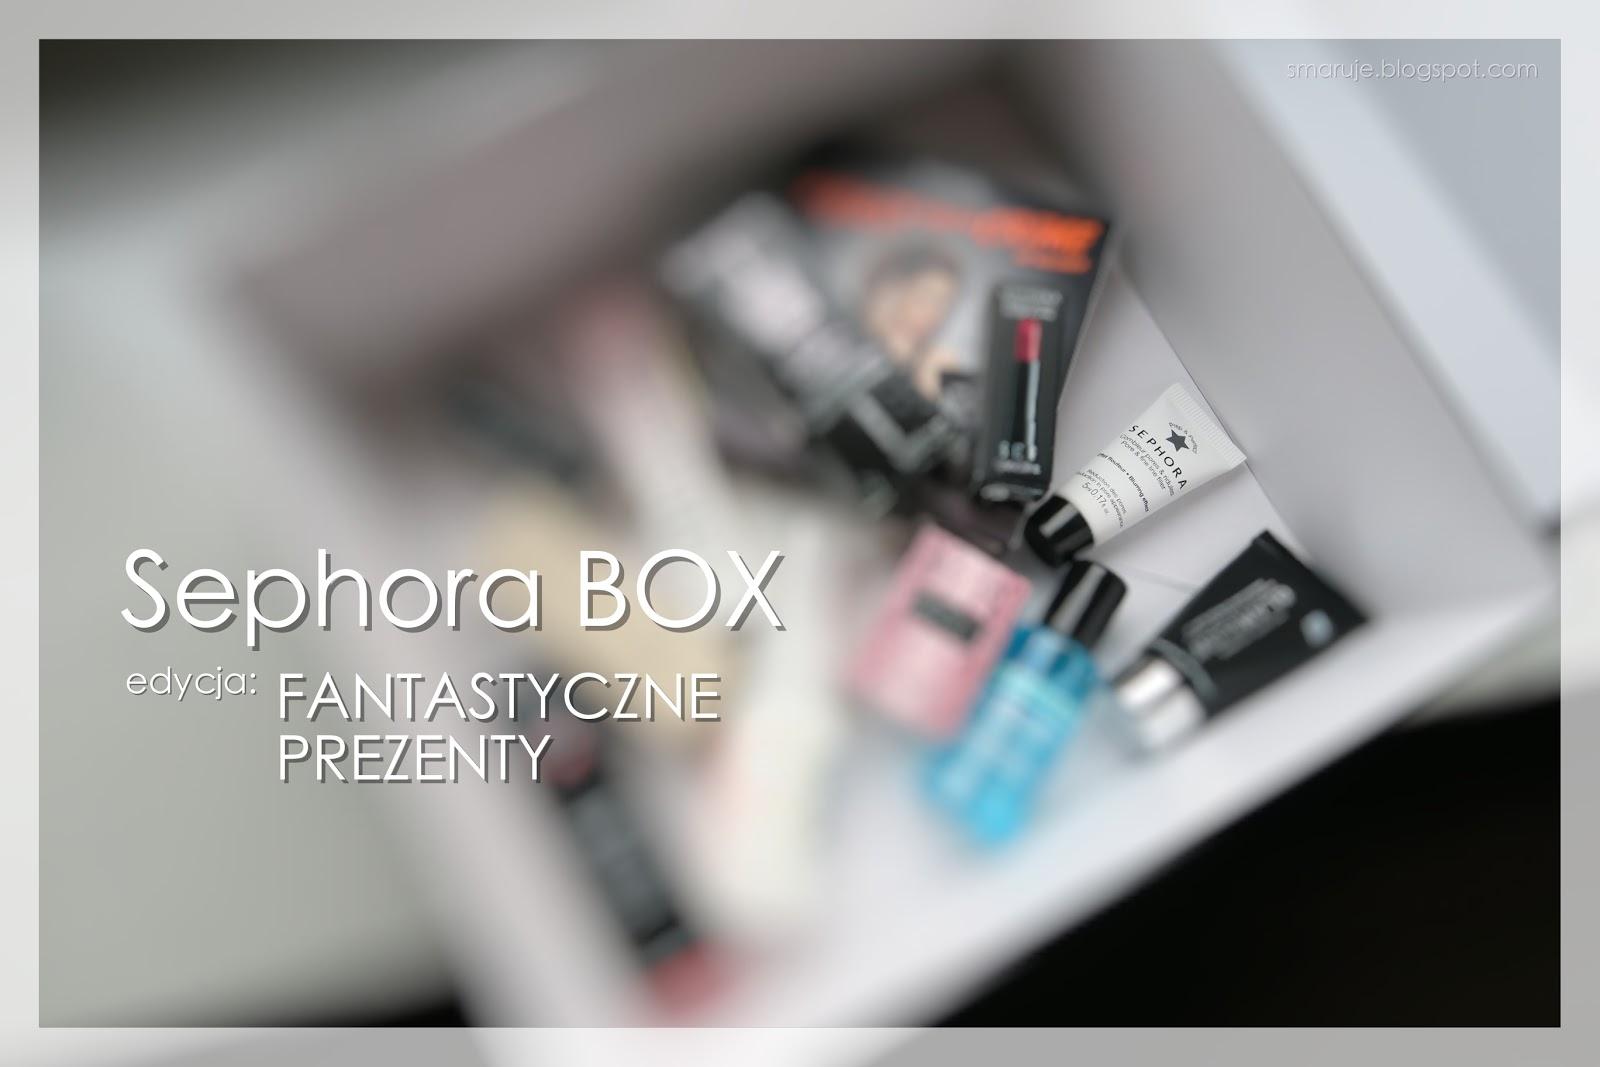 Co znalazłam w najnowszym Sephora BOX i jak to wszystko działa? /uwaga: dużo zdjęć/